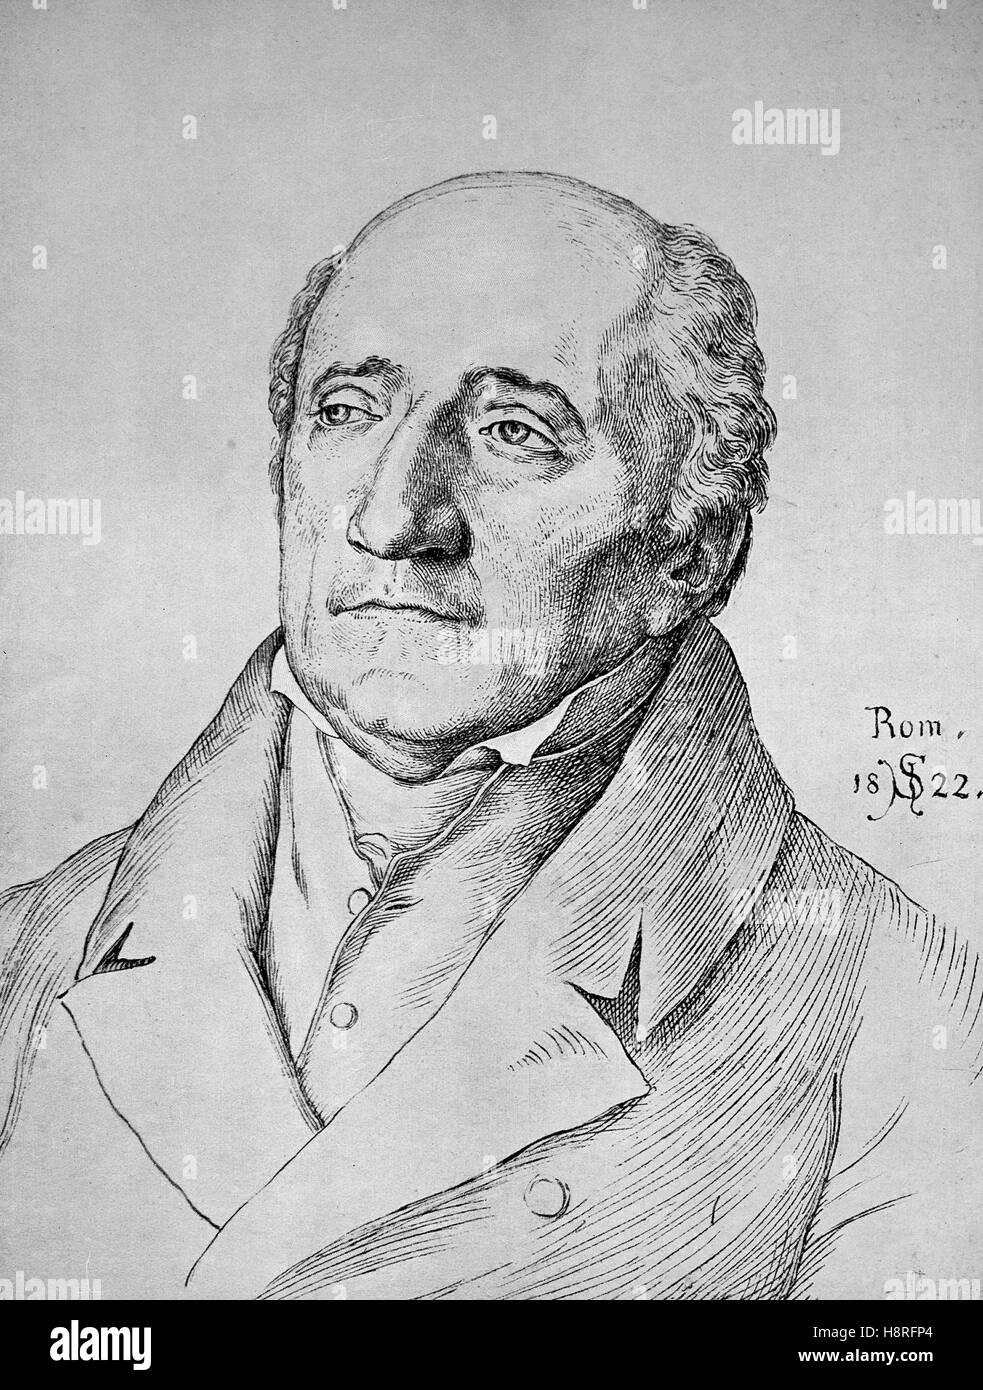 Heinrich Friedrich Karl Reichsfreiherr vom und zum Stein, comúnmente conocido como el Barón von Stein, era un estadista prusiano Foto de stock